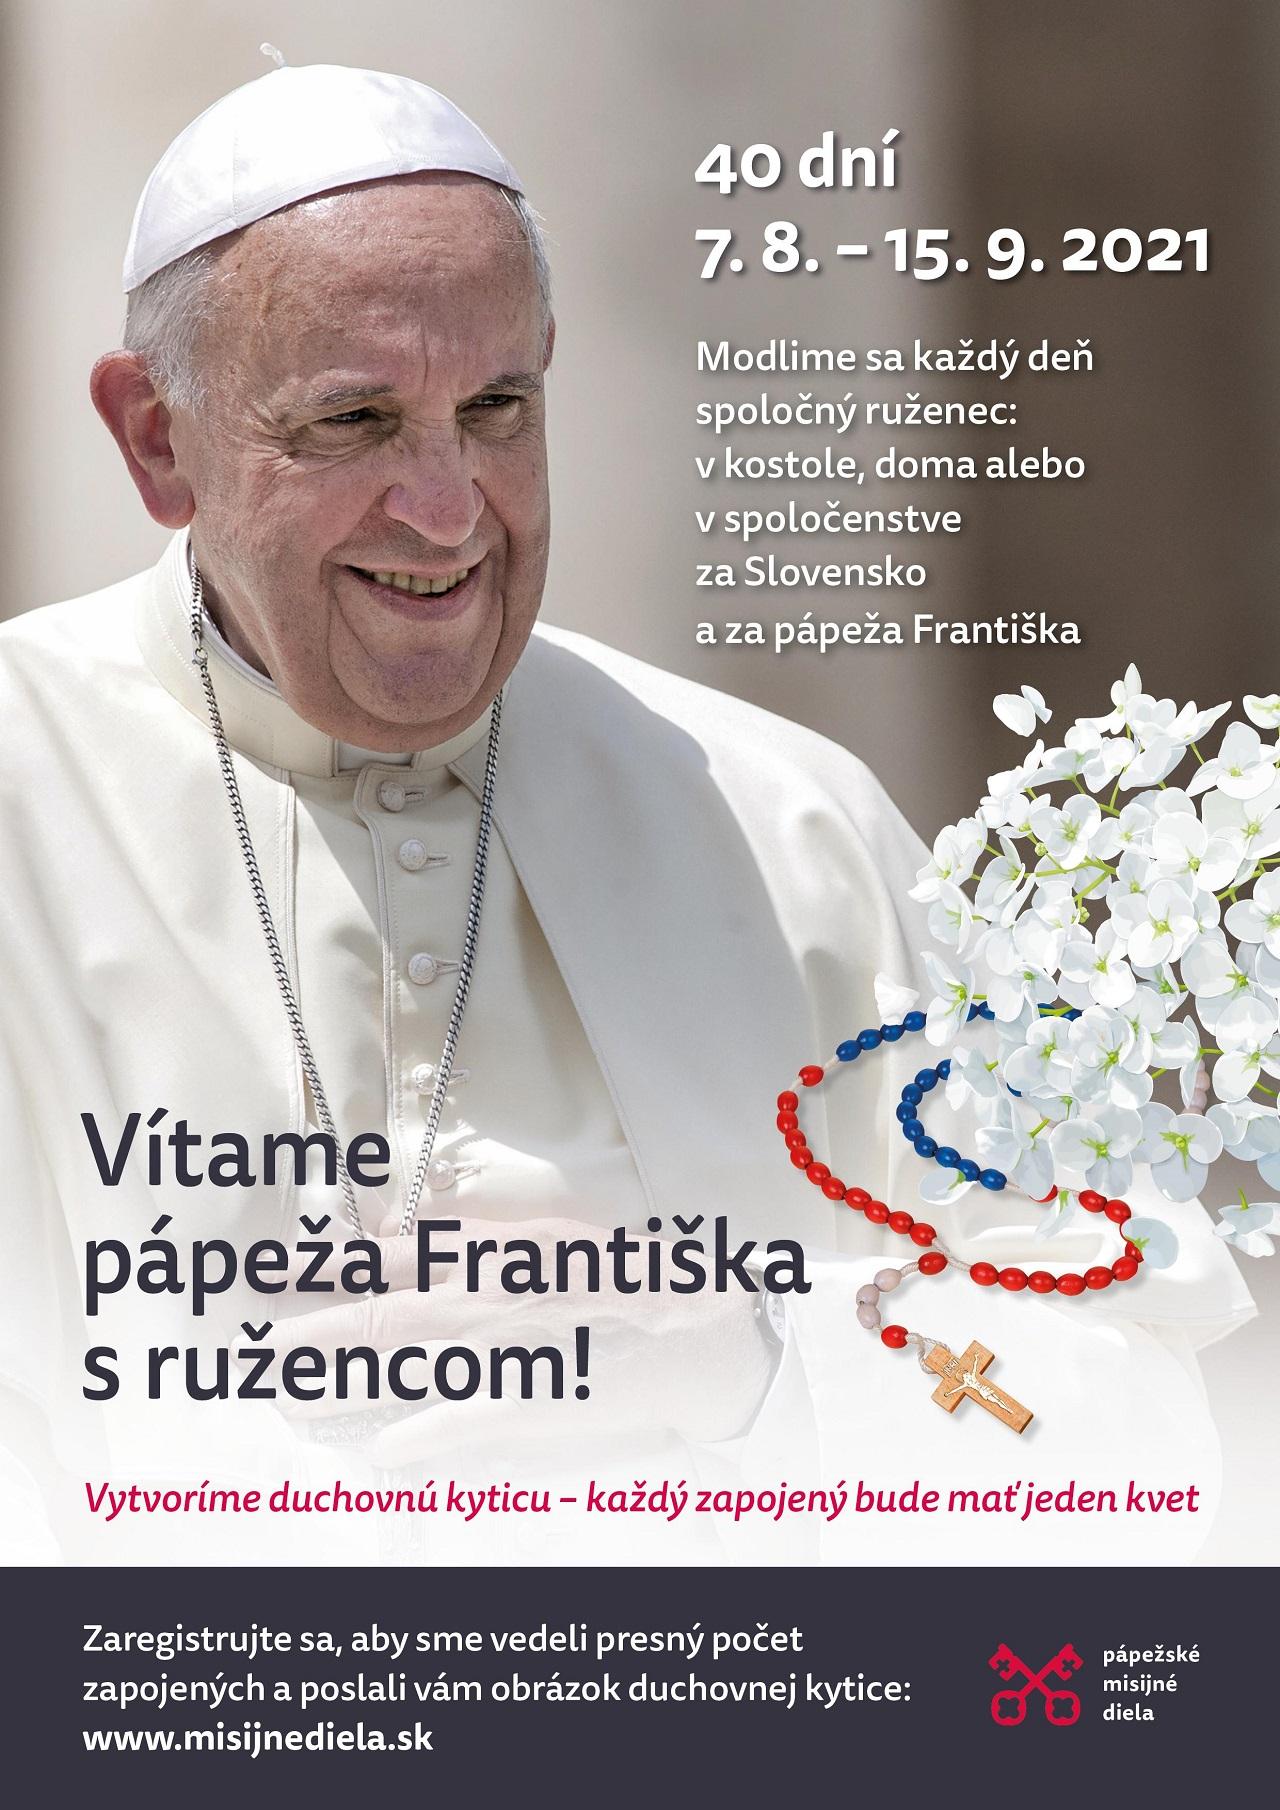 Vítame pápeža s ružencom